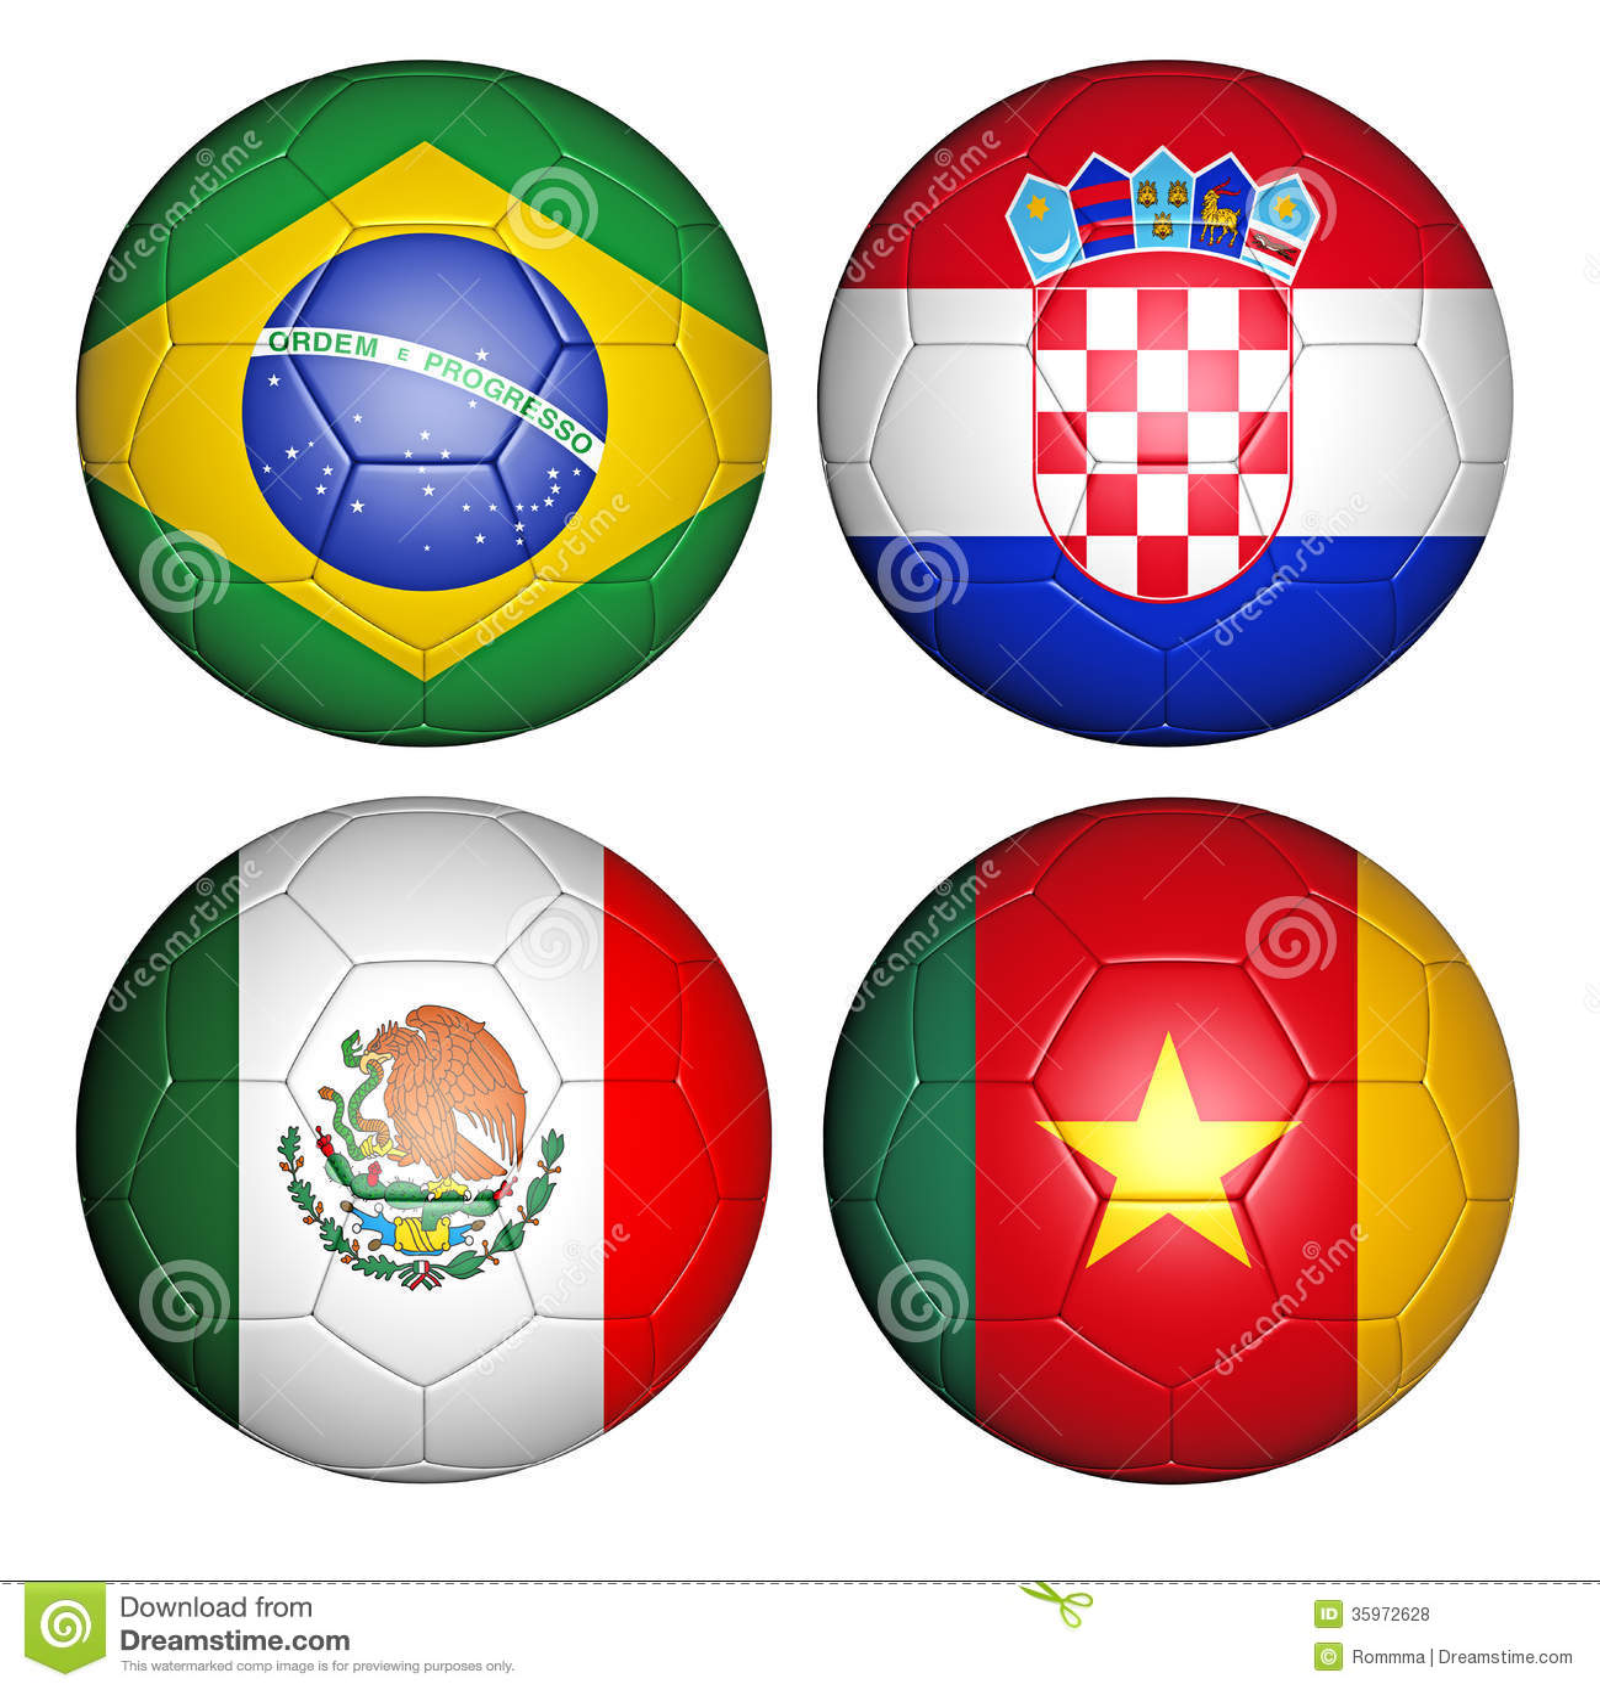 Groupe a de la coupe du monde 2014 illustration stock illustration du dimensionnel brazil - Groupes coupe du monde 2014 ...